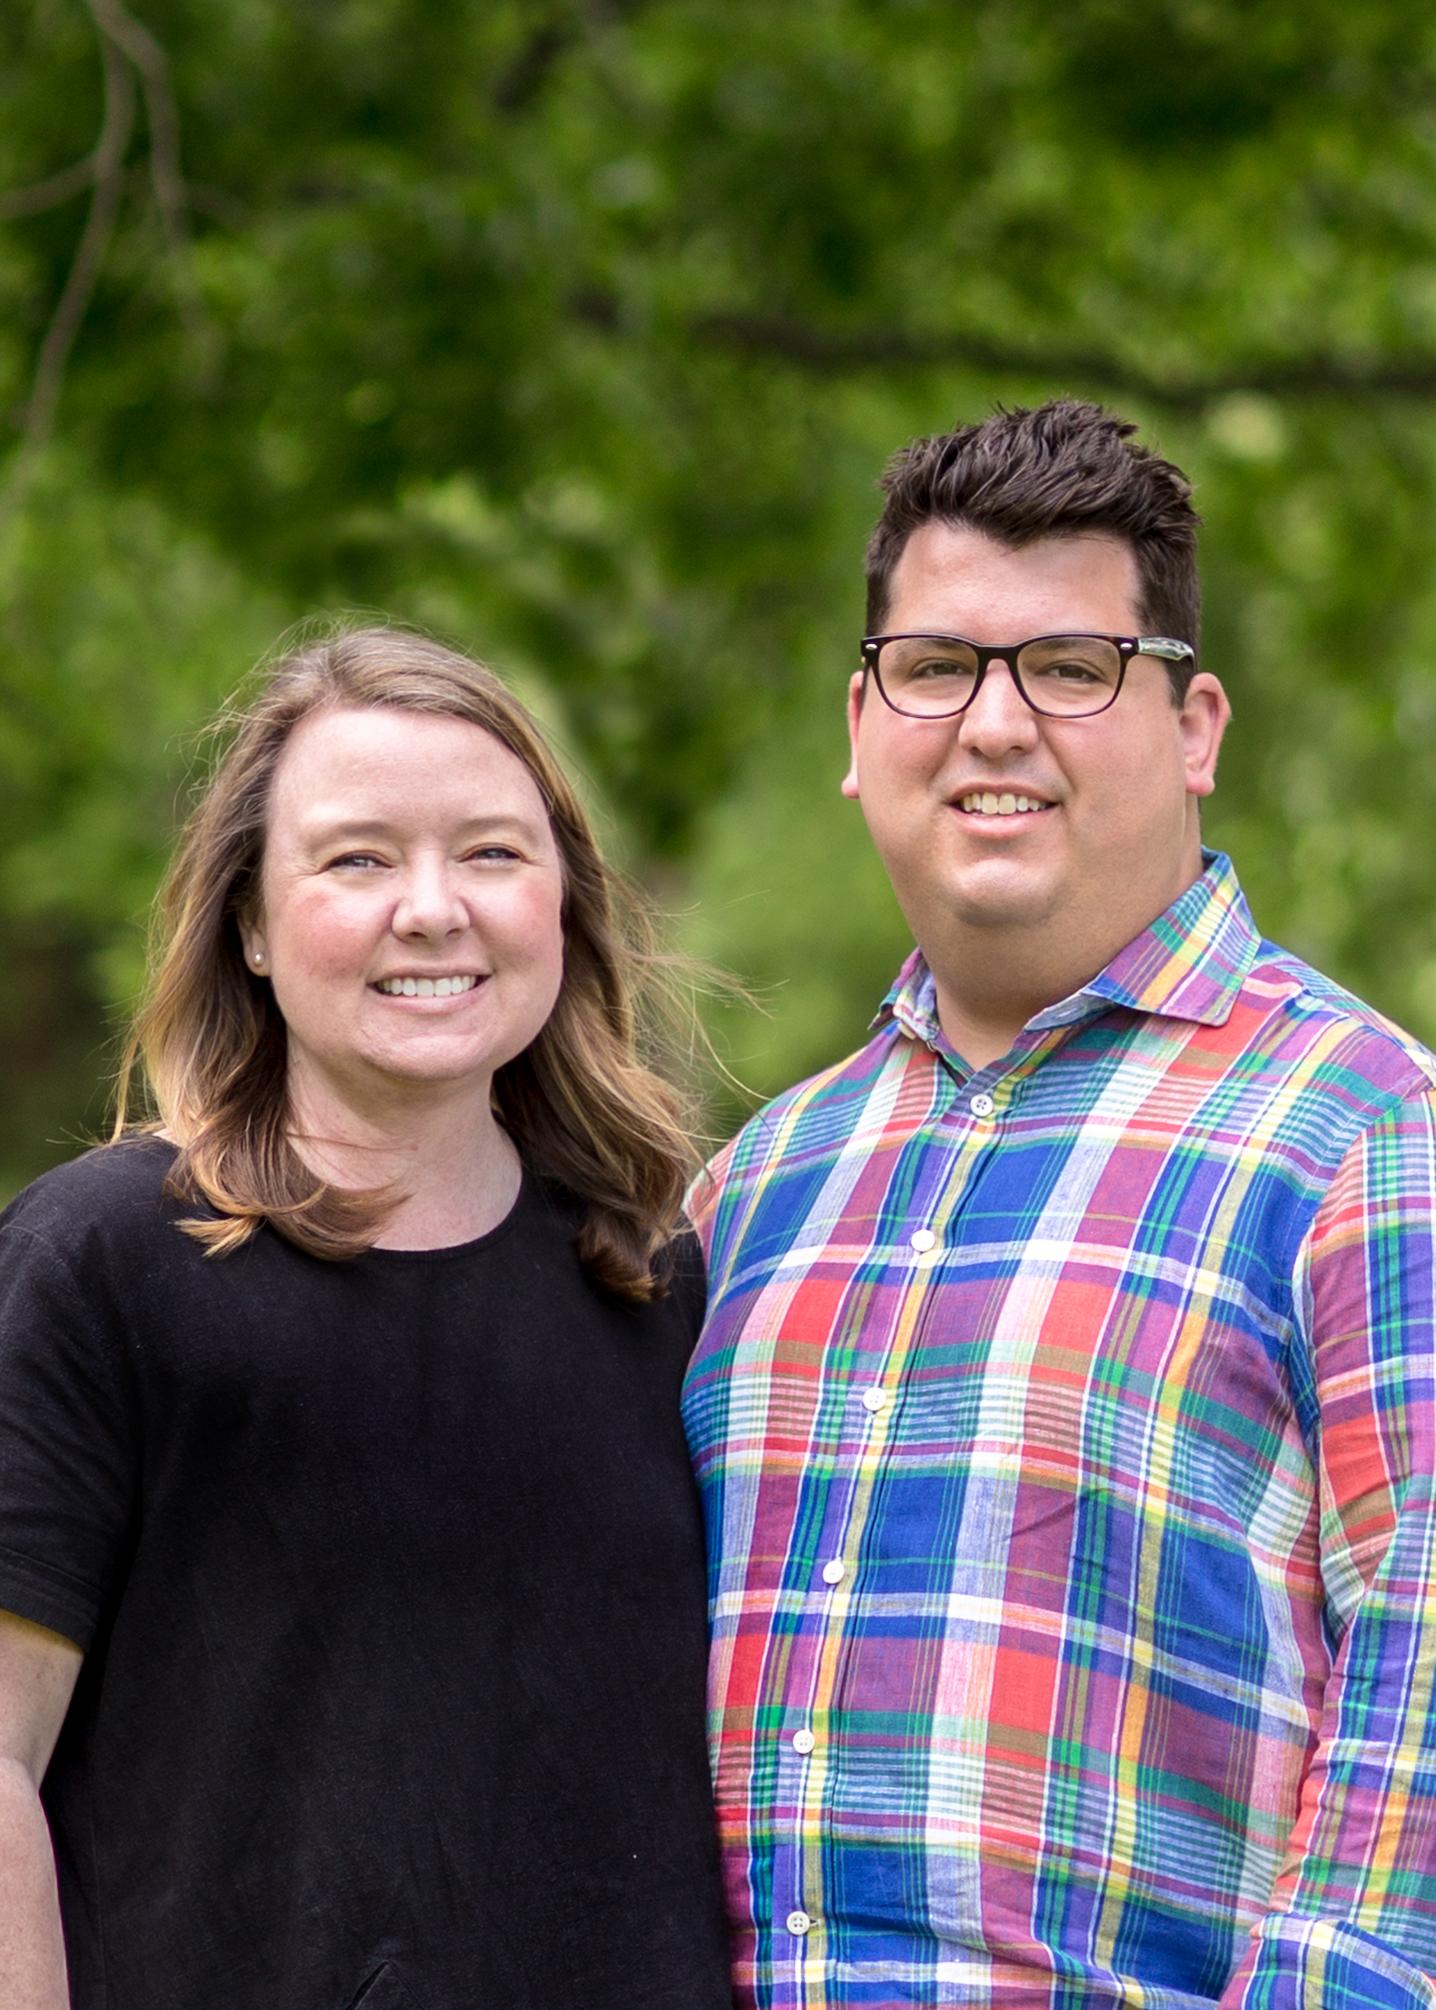 Caleb-and-Julia.jpg